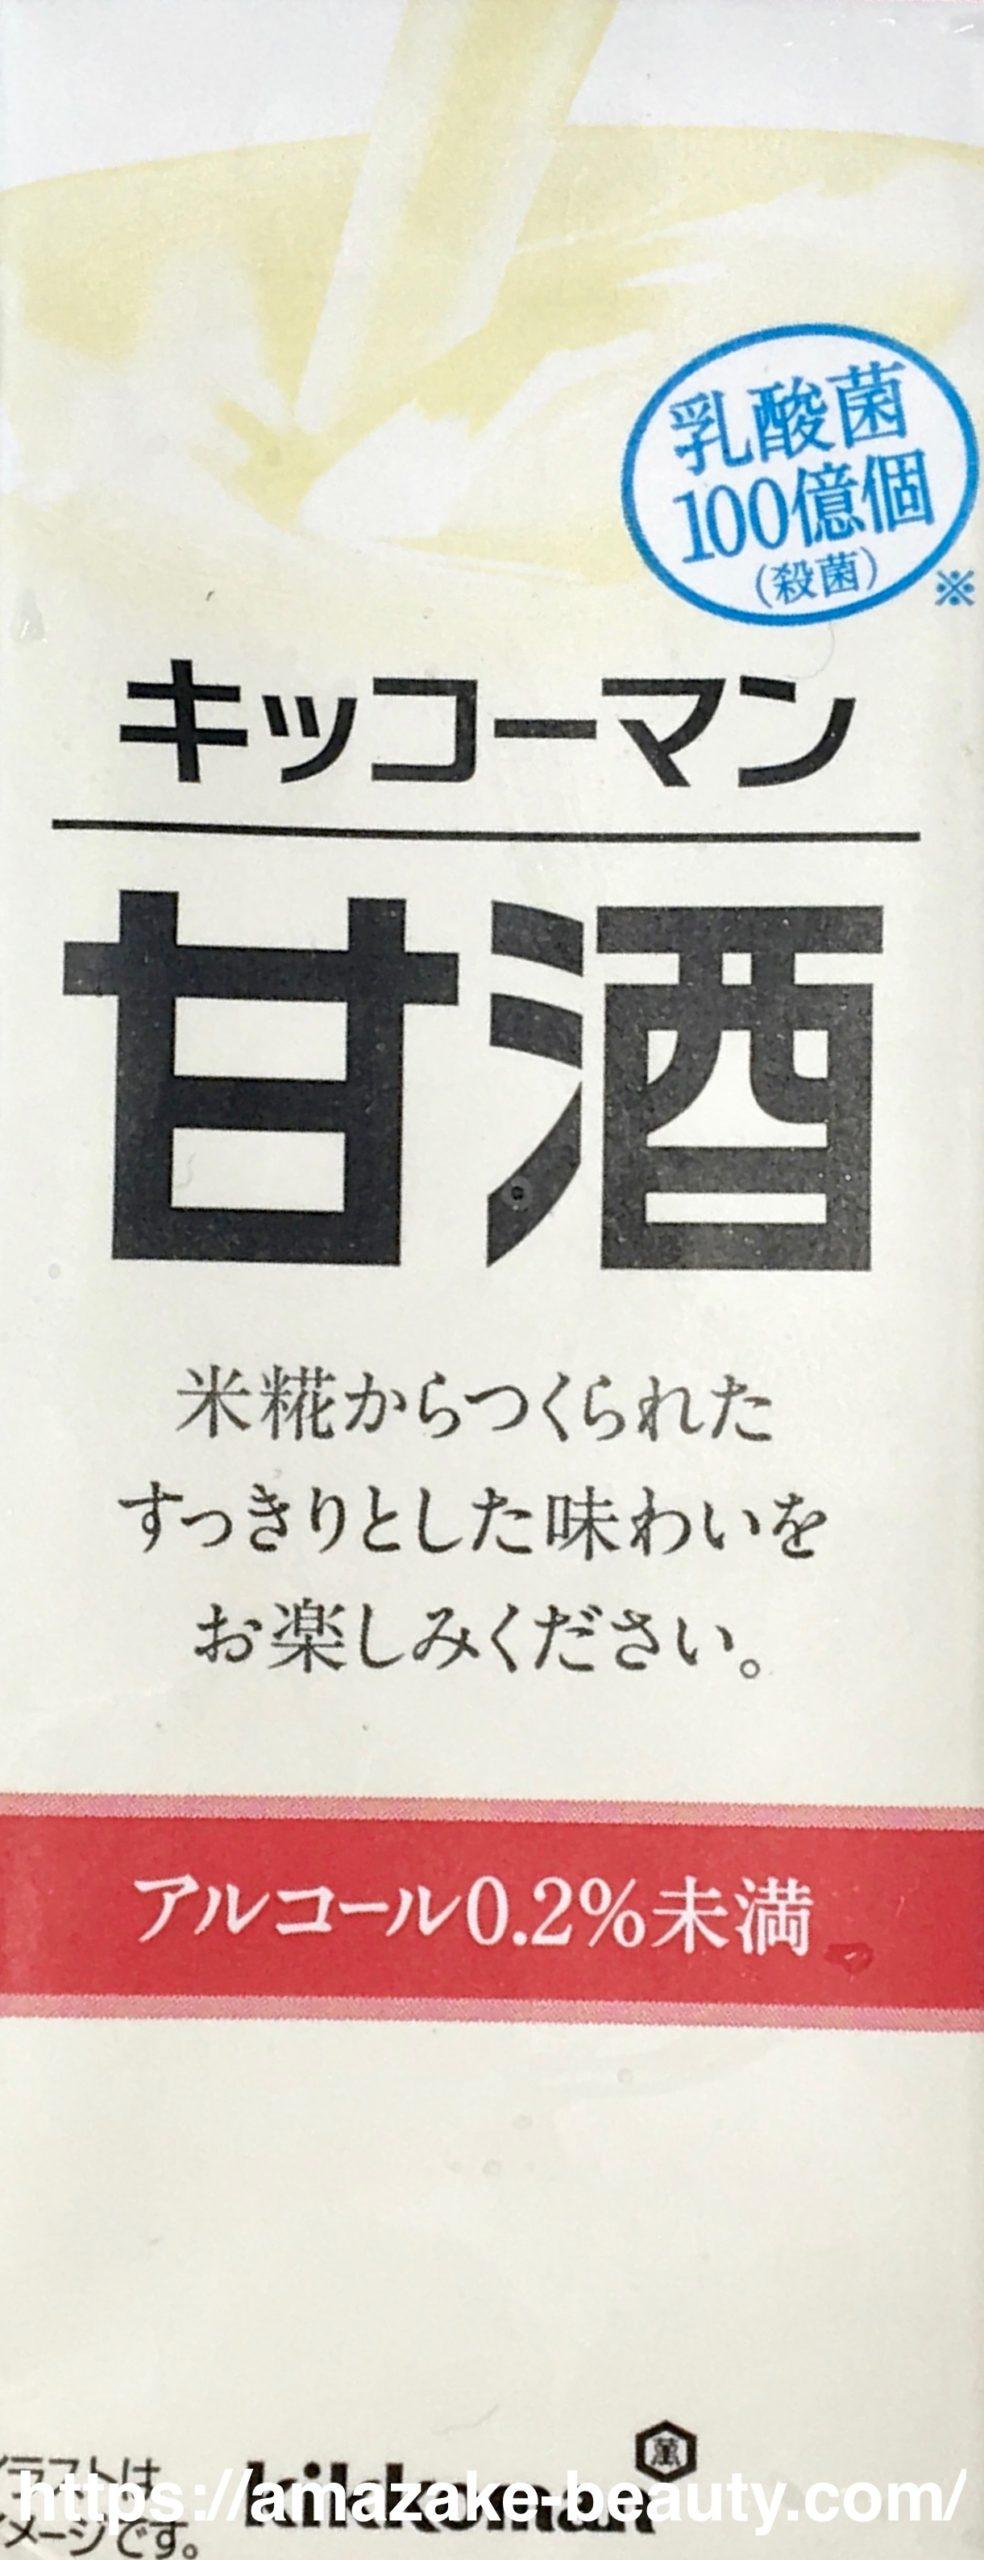 【甘酒】キッコーマン『甘酒』(パッケージデザイン)